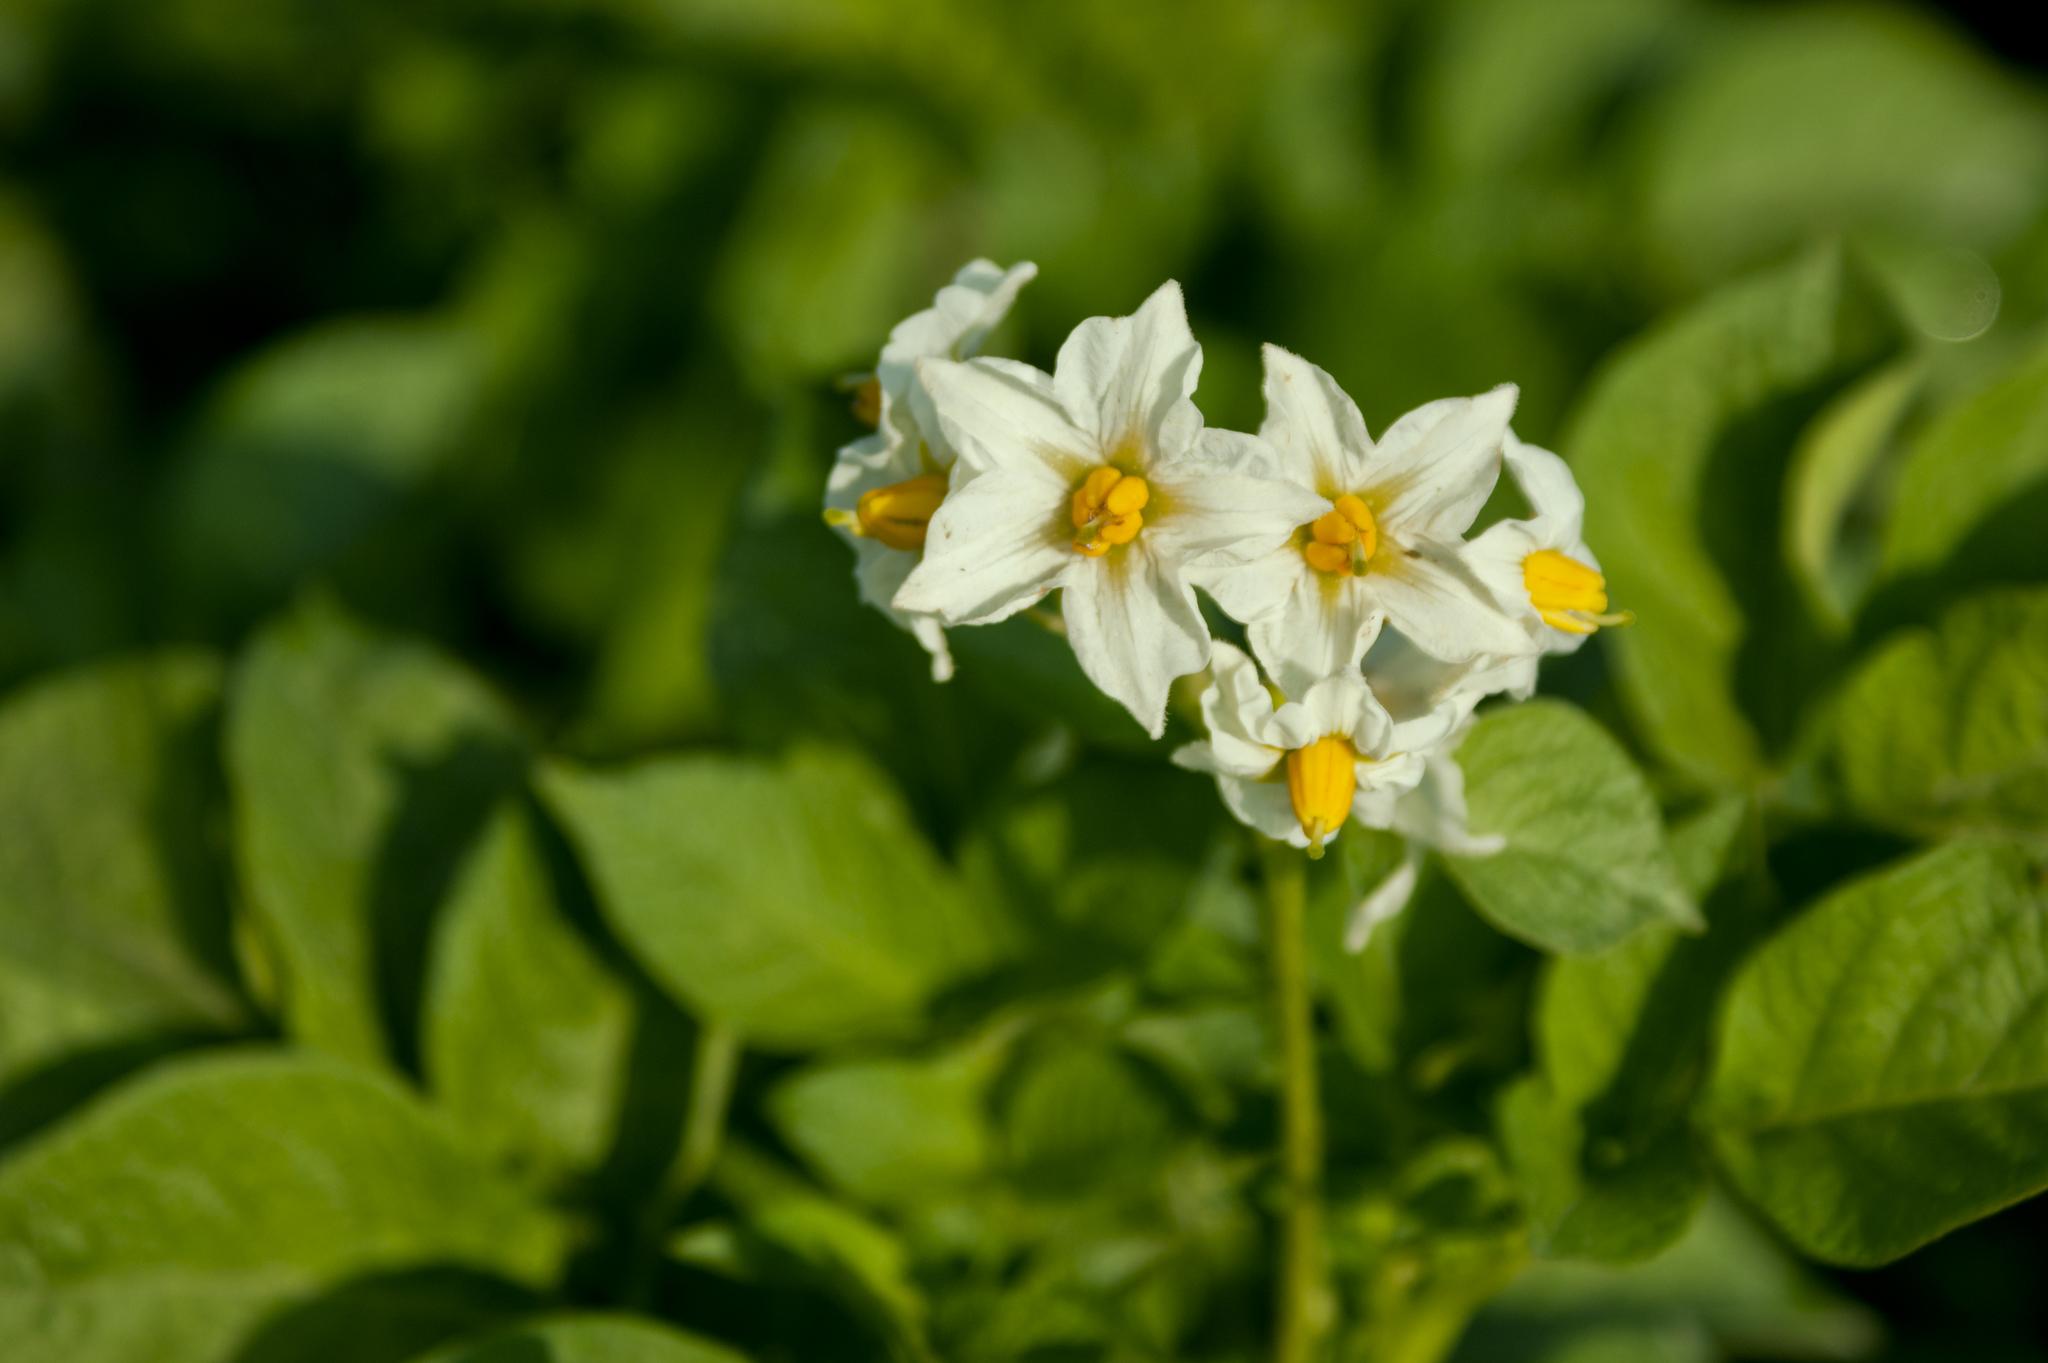 File:Potato Flower on the field.jpg